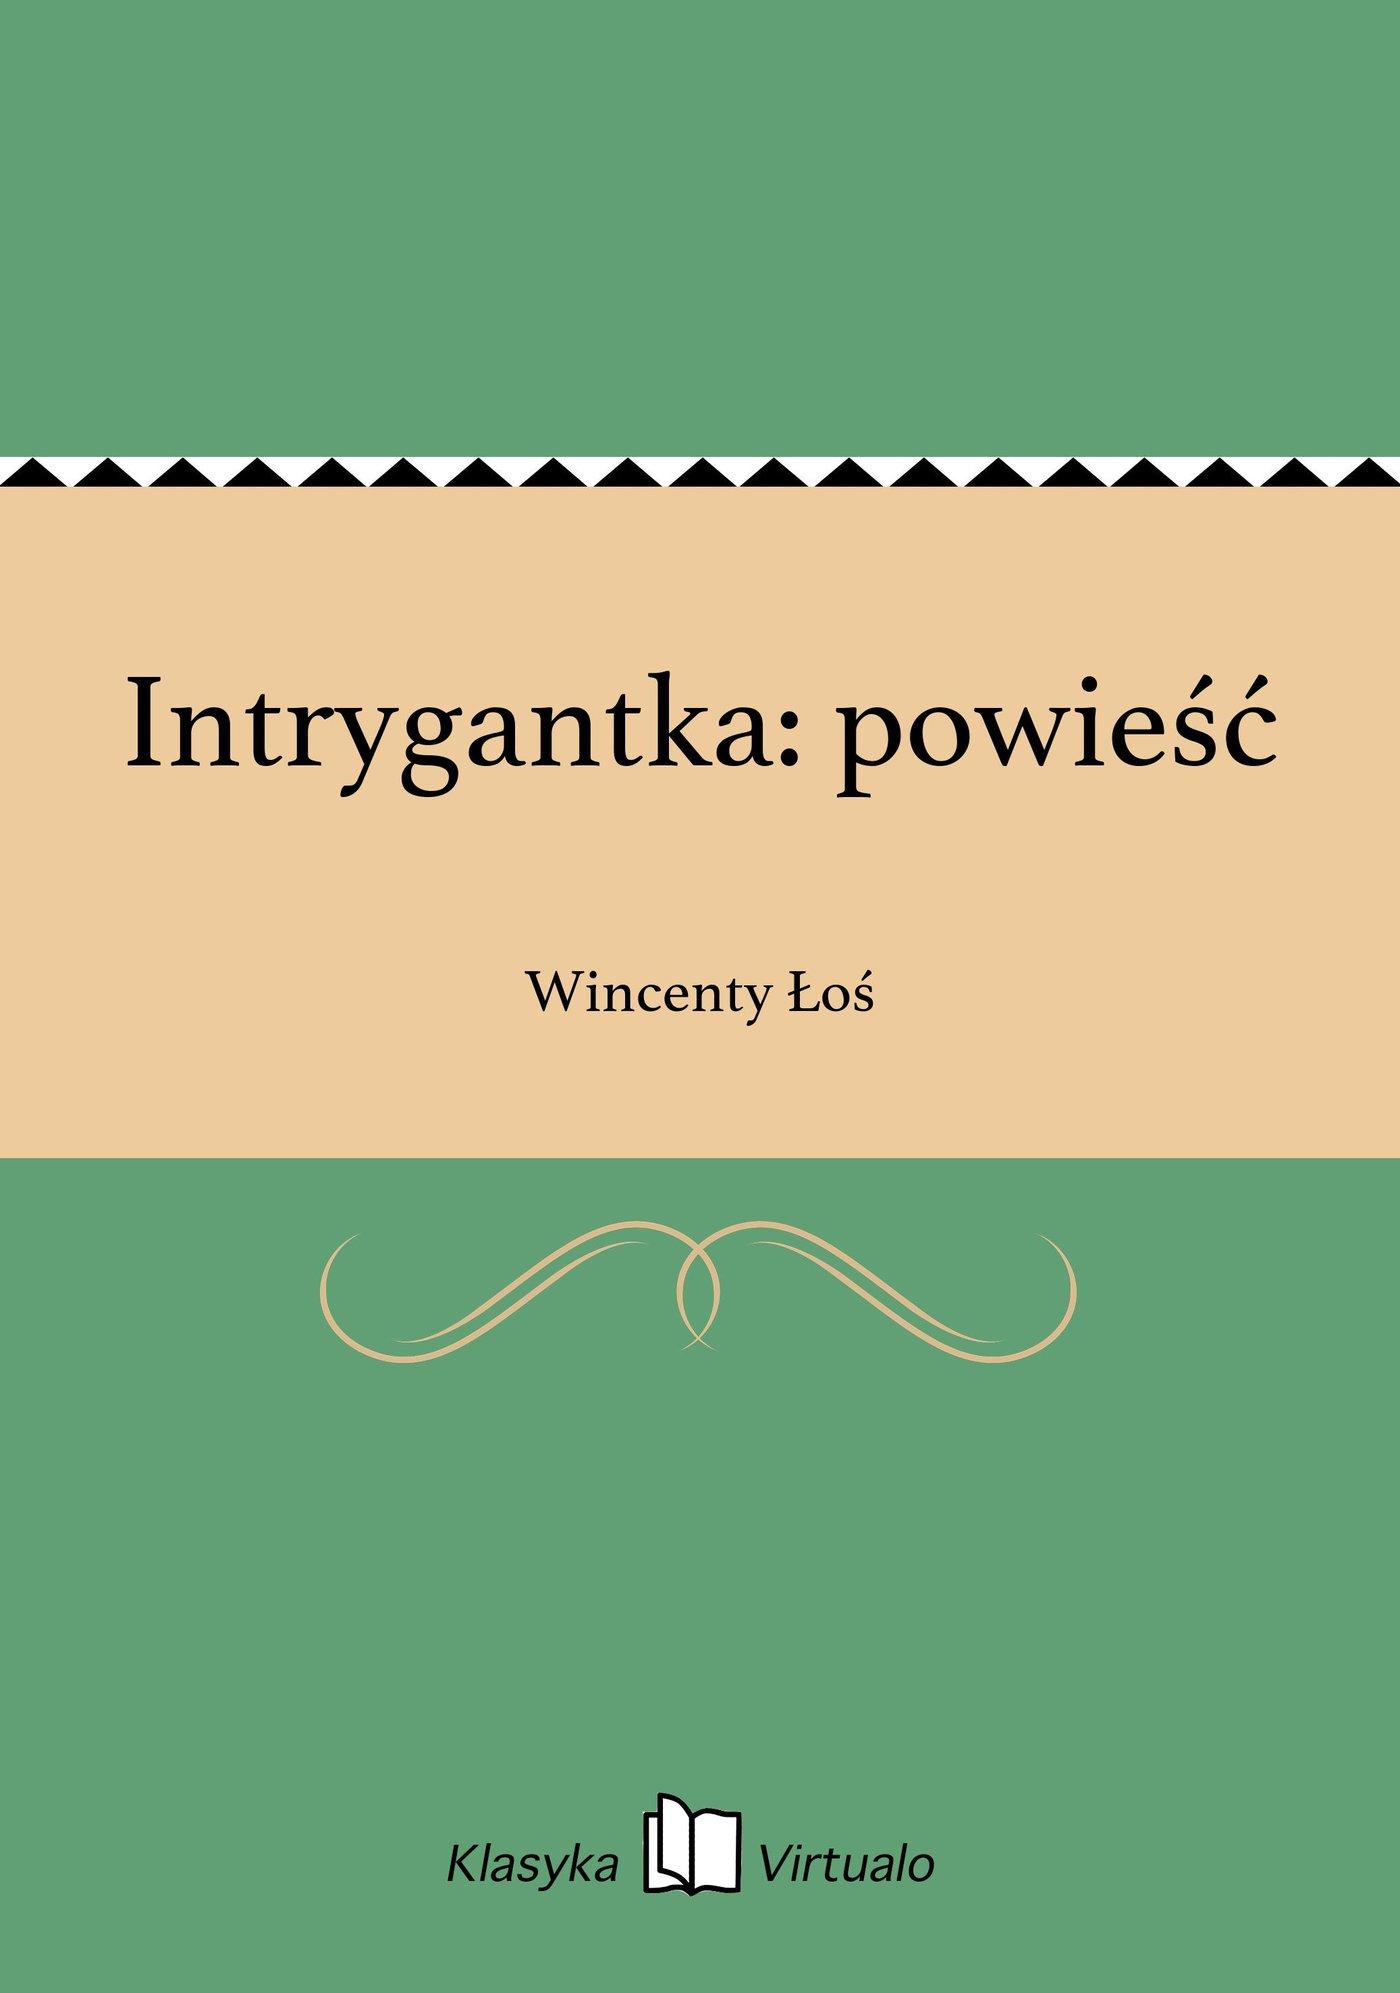 Intrygantka: powieść - Ebook (Książka EPUB) do pobrania w formacie EPUB